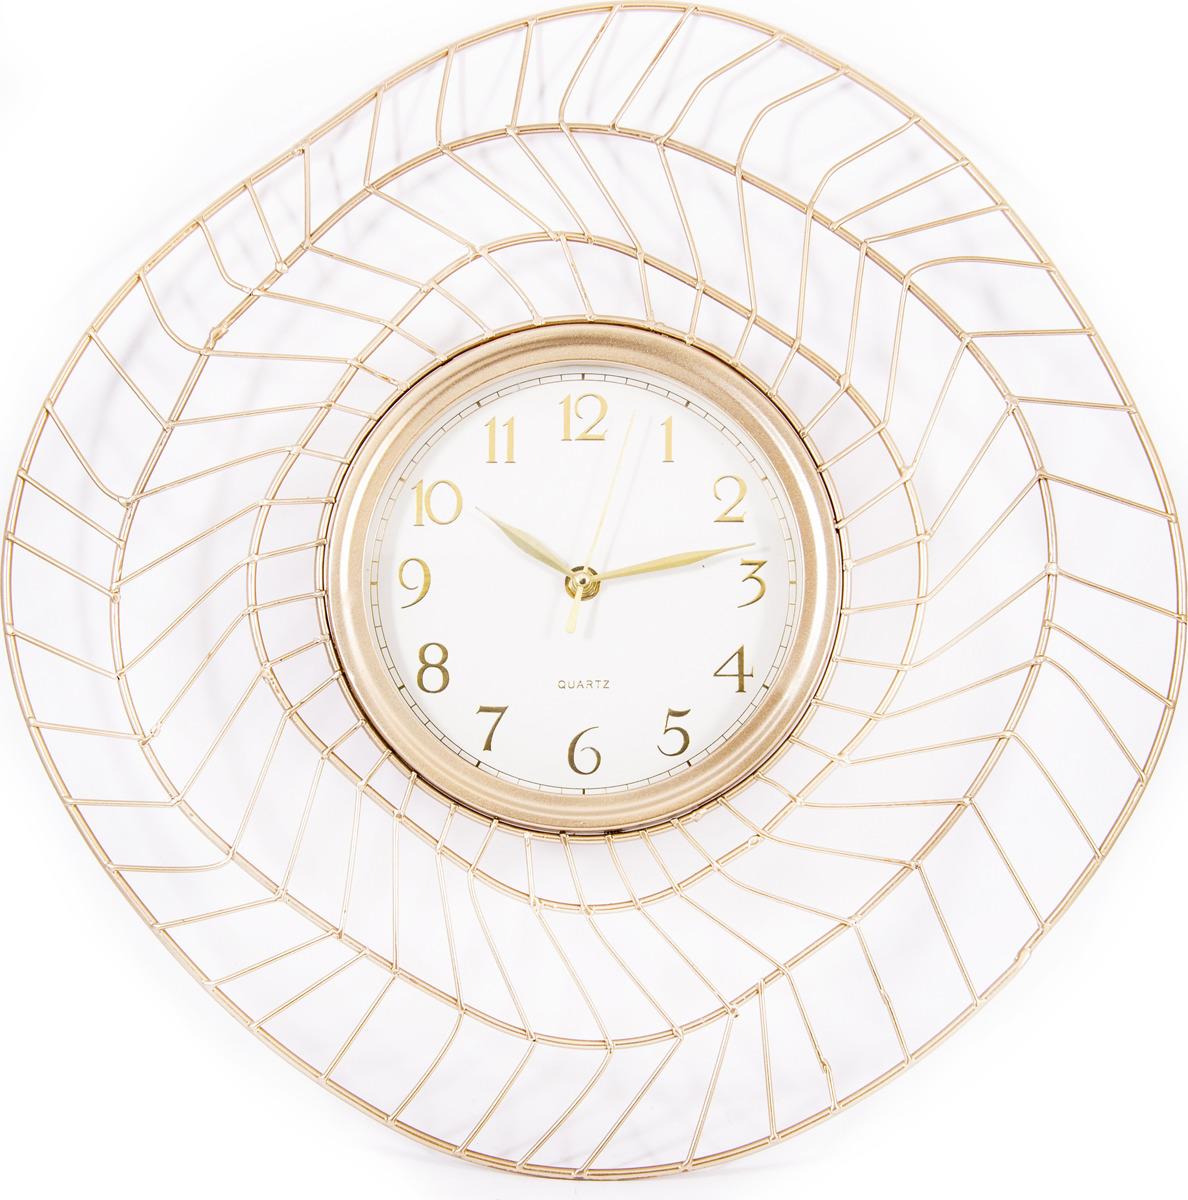 Часы настенные La Geer, 60807, разноцветный, 46 х 5 х 46 см все цены